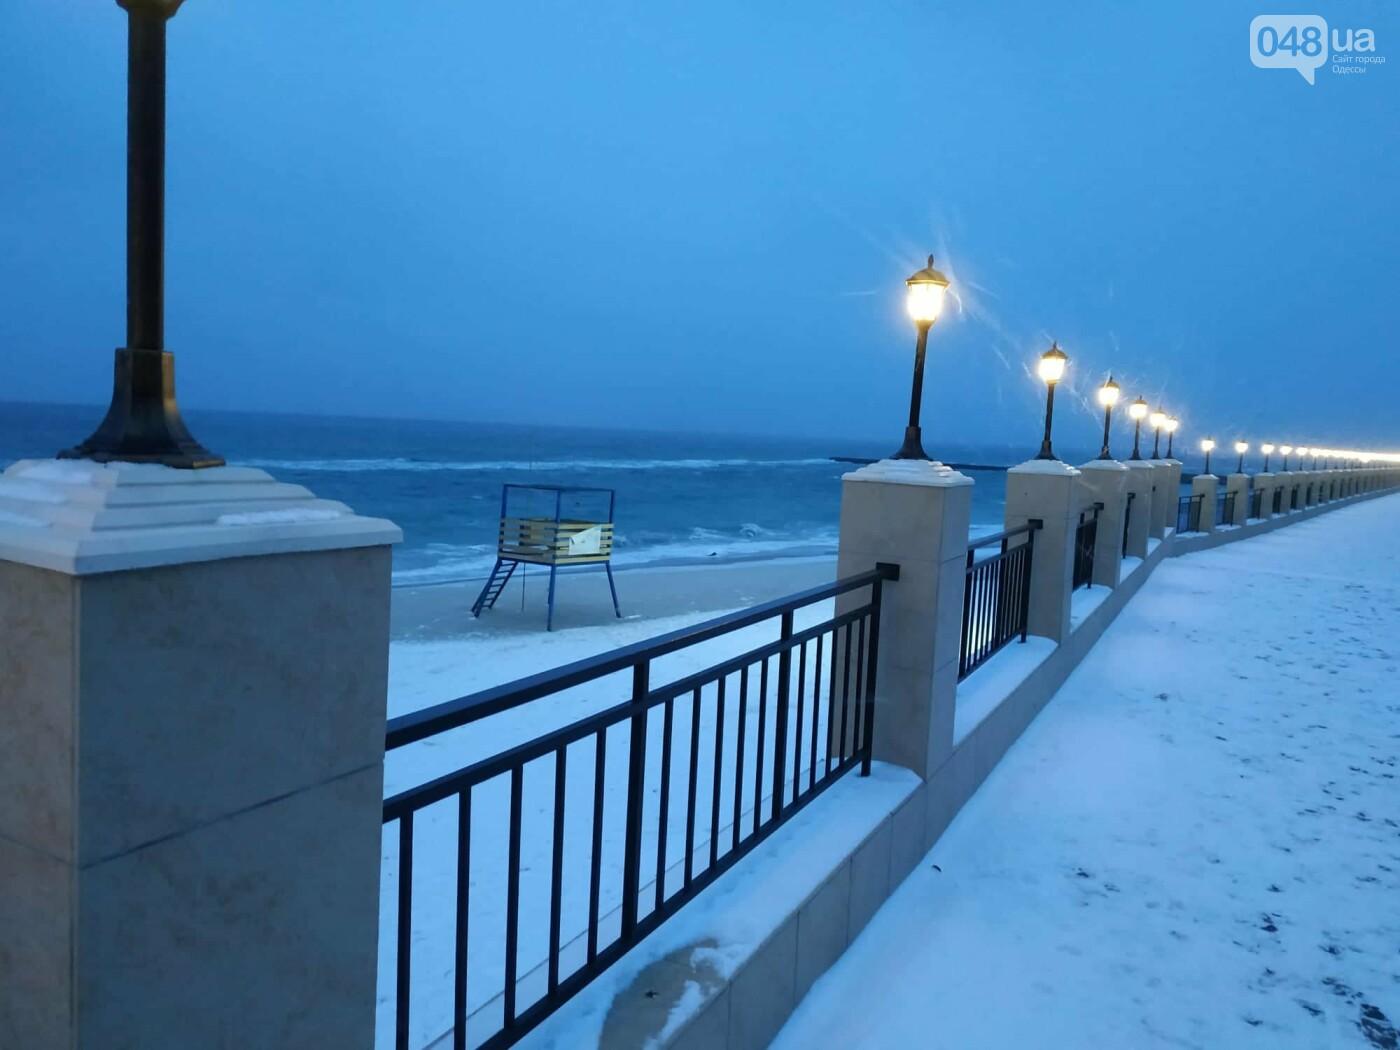 Заснеженные одесские пляжи вечером: вот где стоит прогуляться, - ФОТО, фото-7